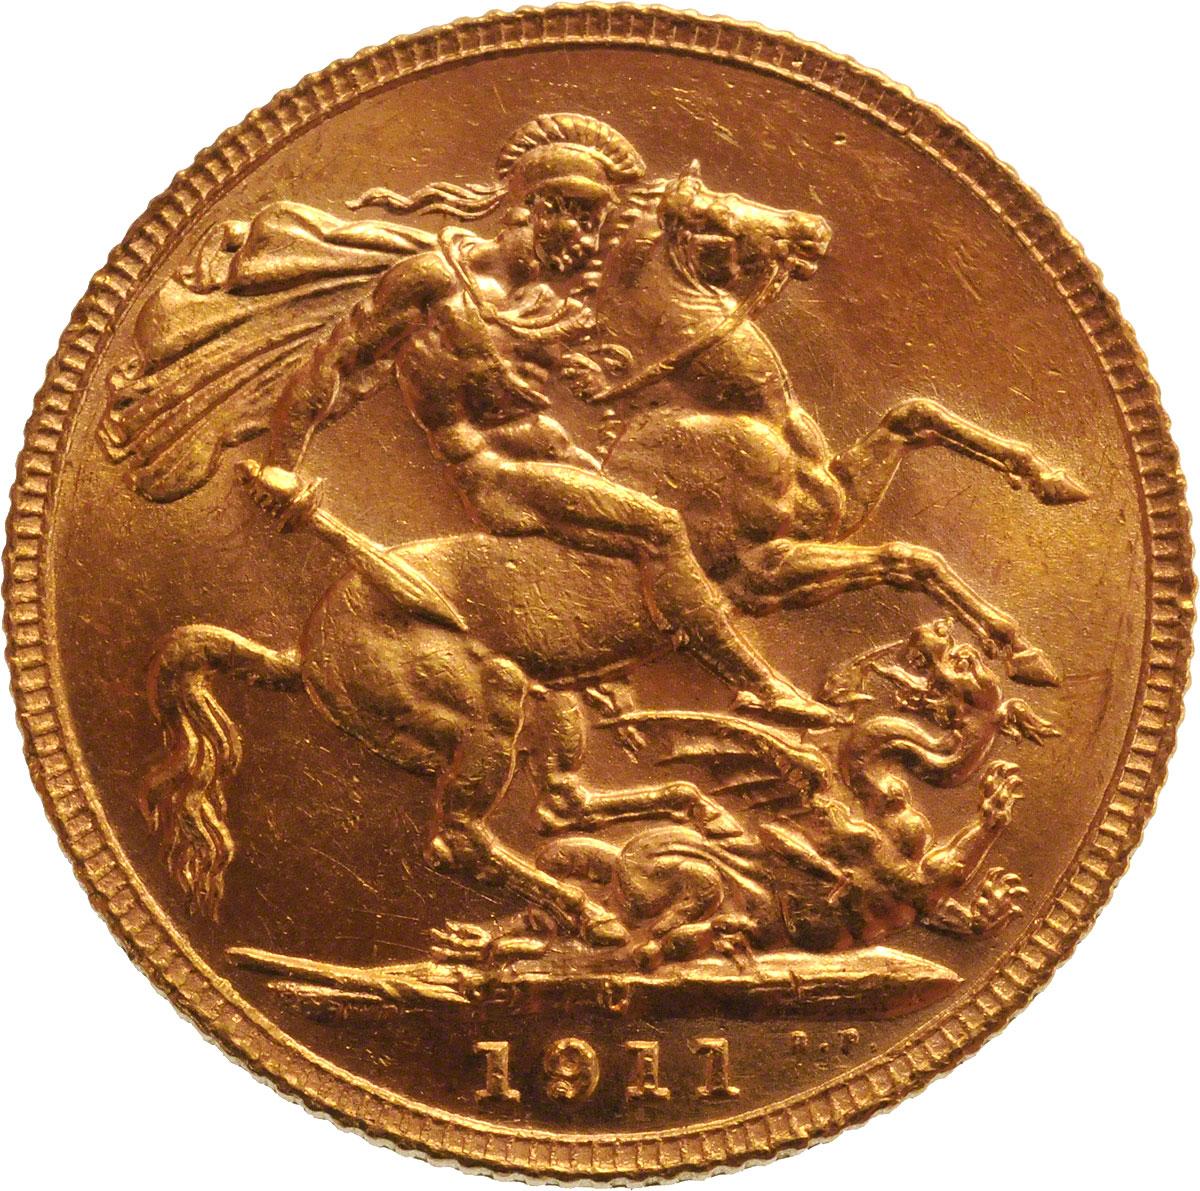 1911 Γεώργιος Ε' (Νομισματοκοπείο Οττάβα, Καναδάς)